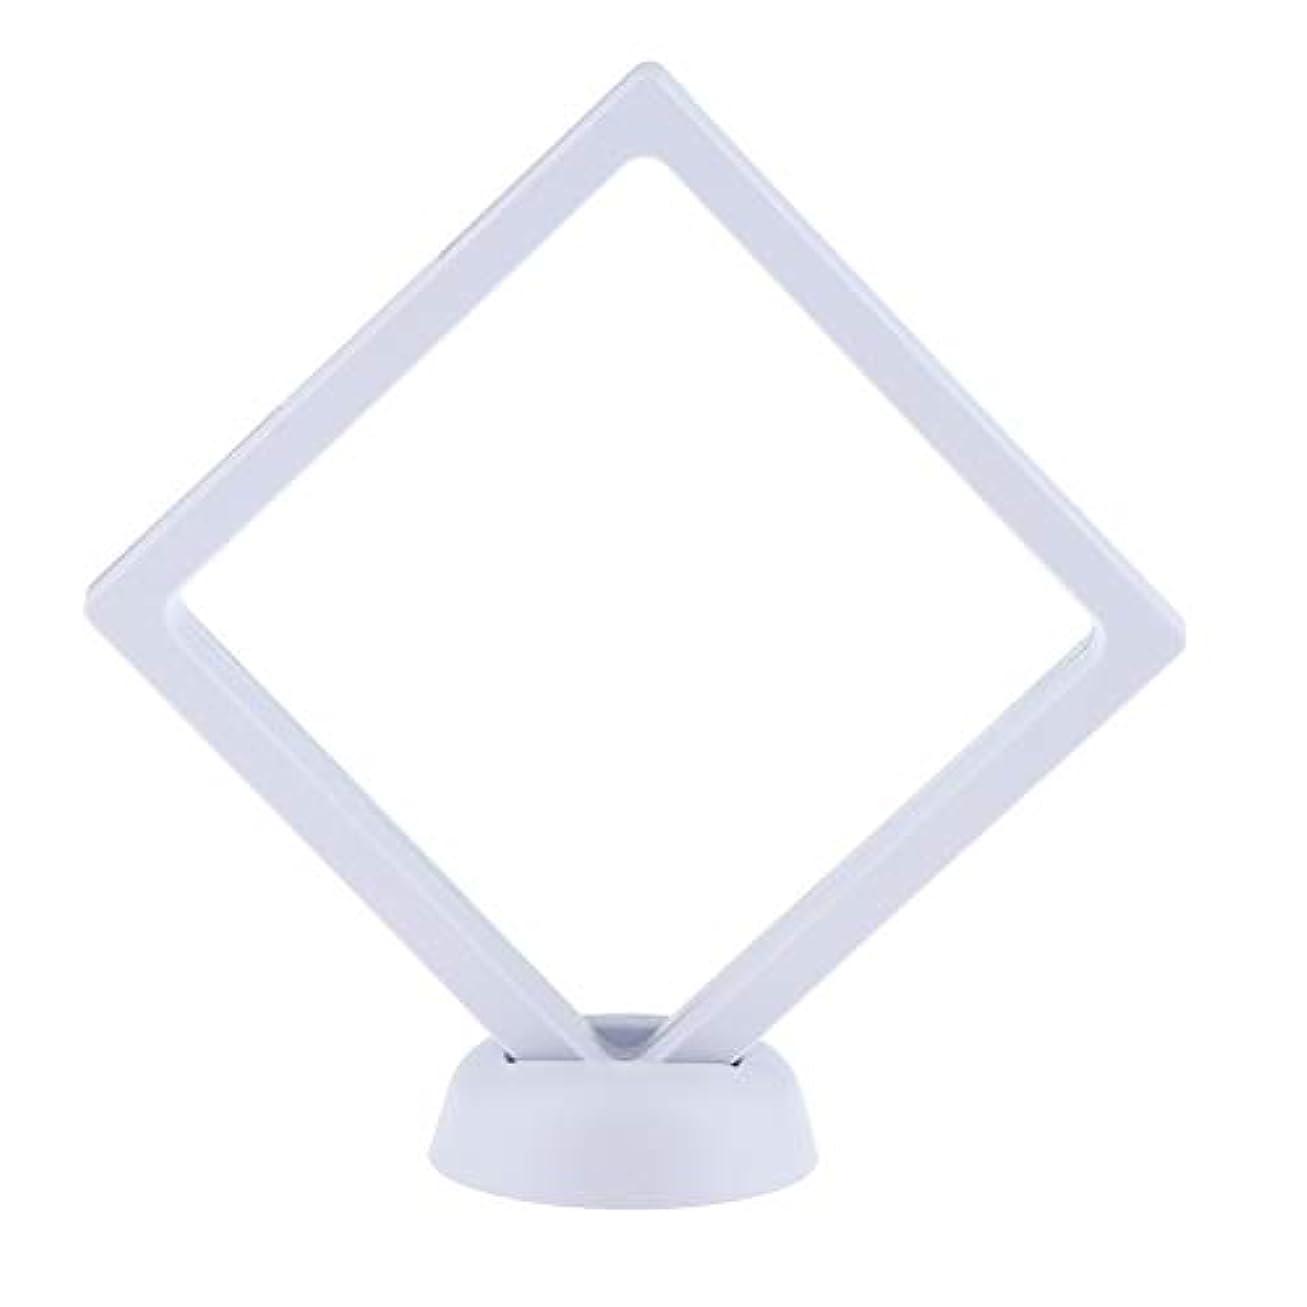 一般化するドメインキロメートルネイルアート 展示用 ボード ネイルサロンディスプレイ 2色選べ - 白